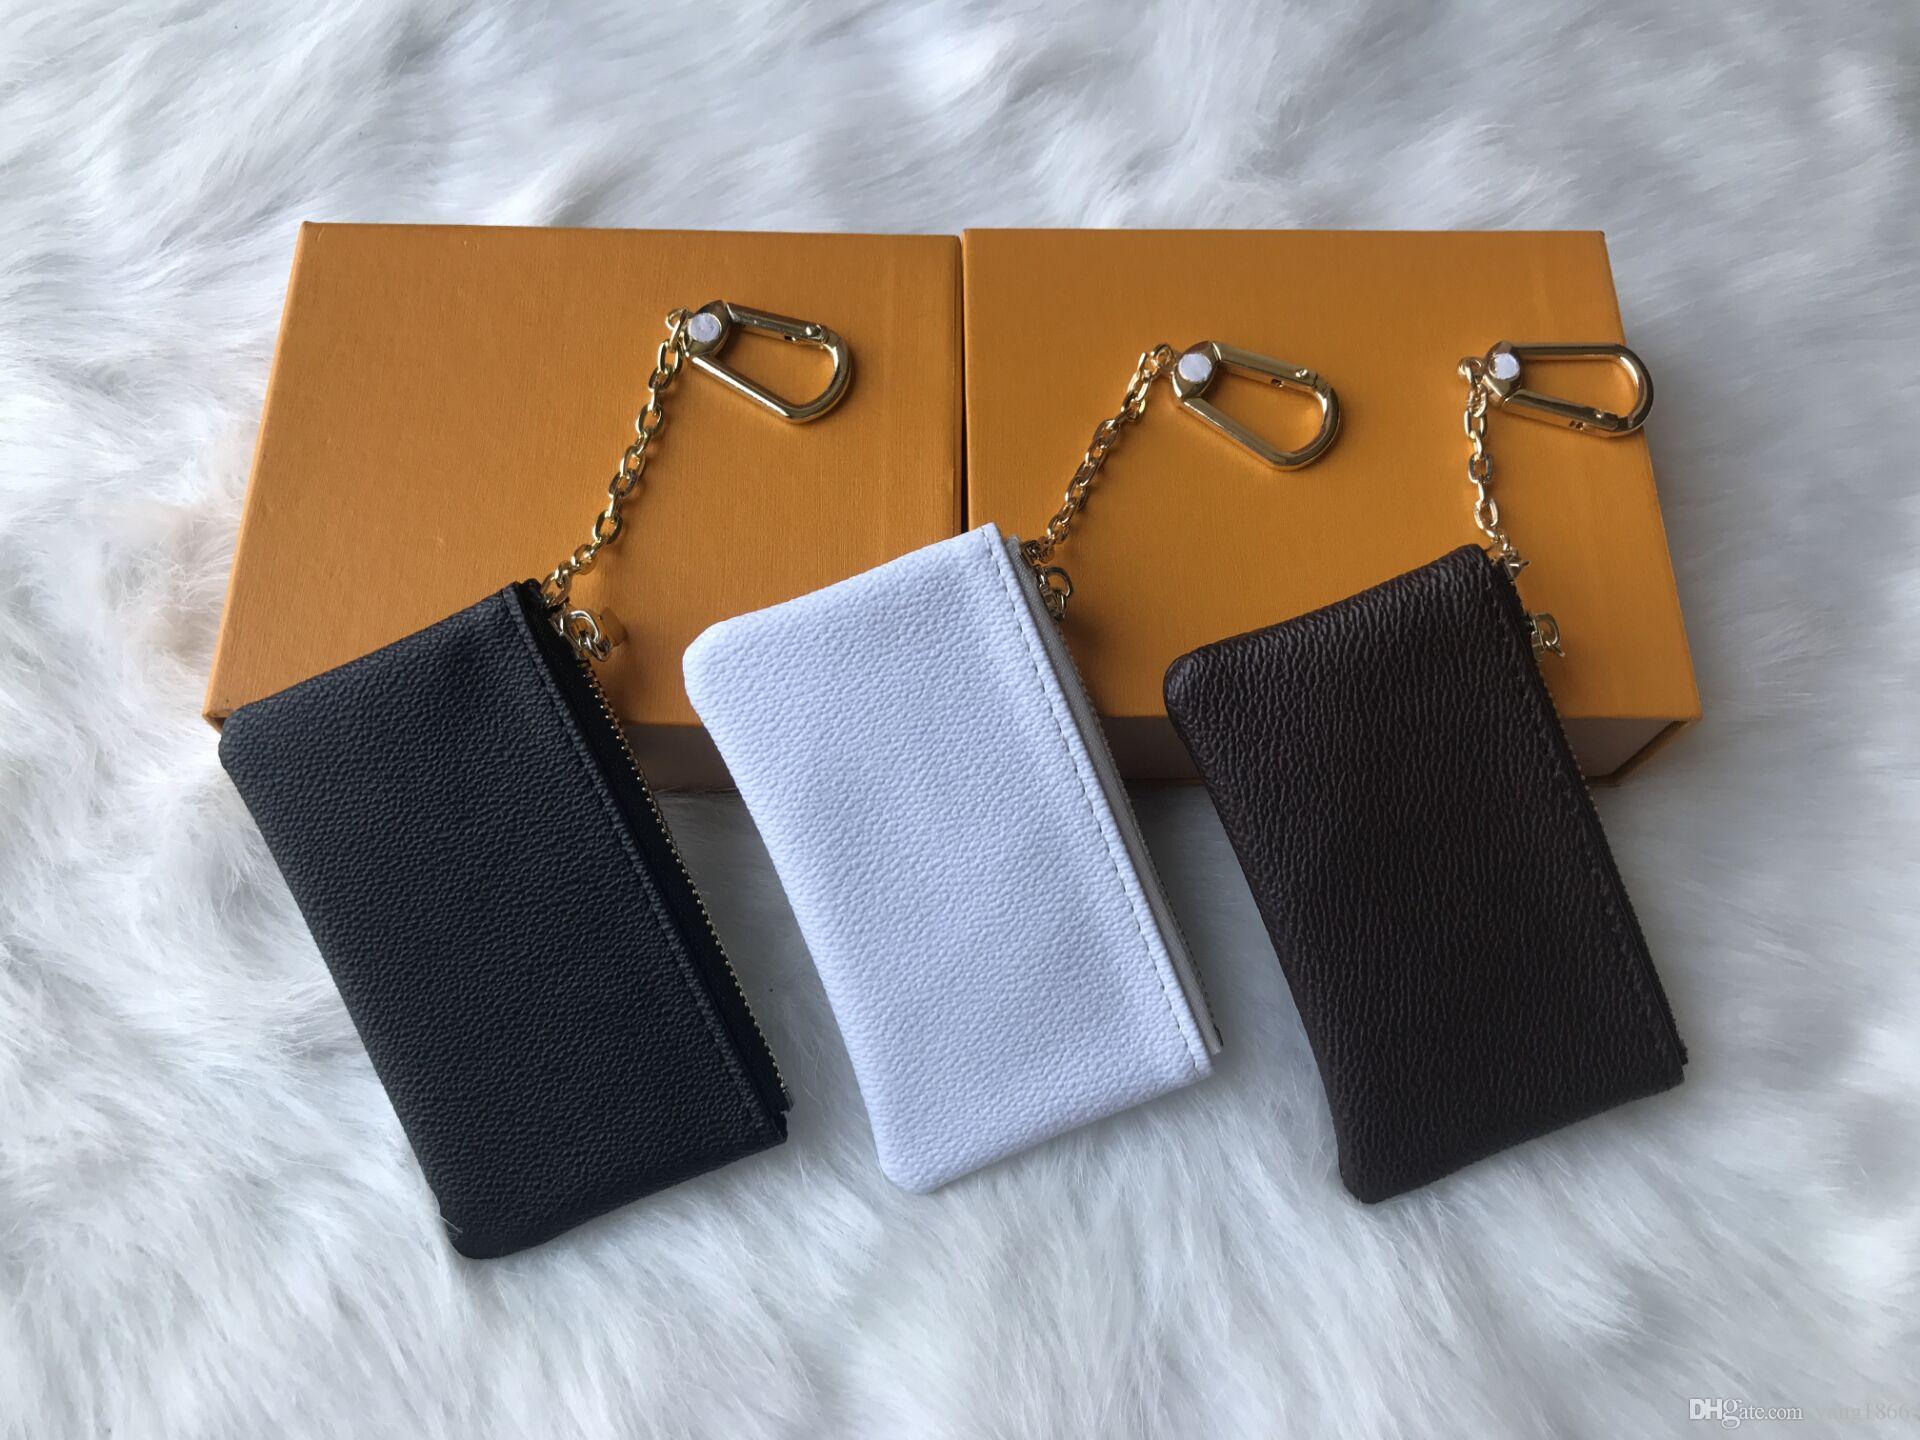 4 renk ANAHTAR ÇANTASı Damier deri yüksek kalite ünlü tutan klasik tasarımcı kadın anahtarlık sikke çanta küçük deri Anahtar cüzdan